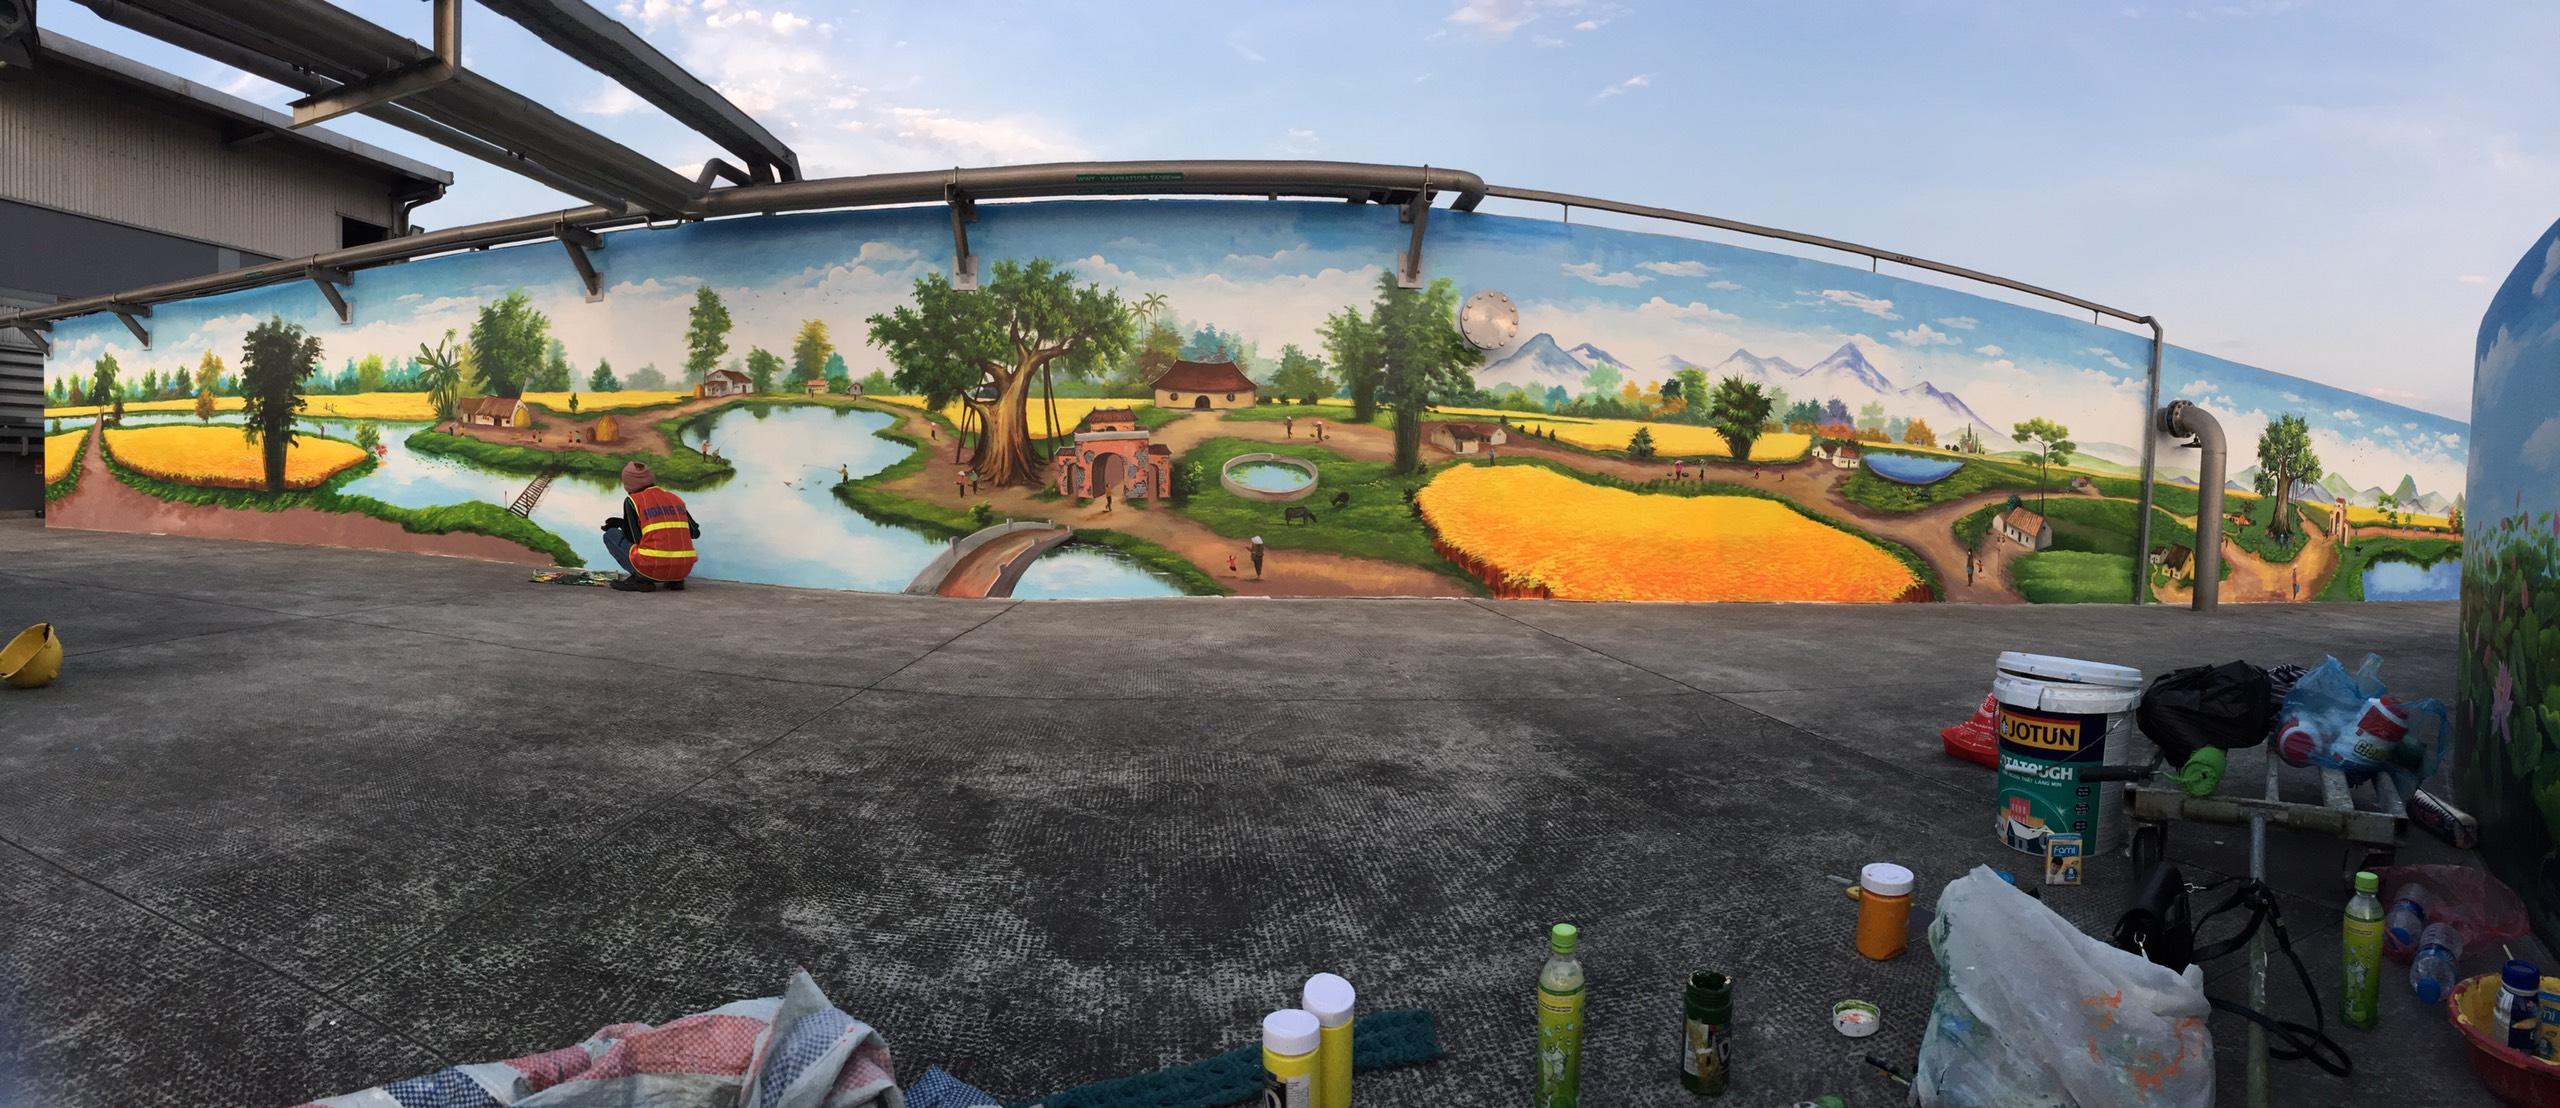 Công trình vẽ tranh ngoài trời cho cty Nestle Phùng Chí Kiên, Mỹ hào, Hưng Yên